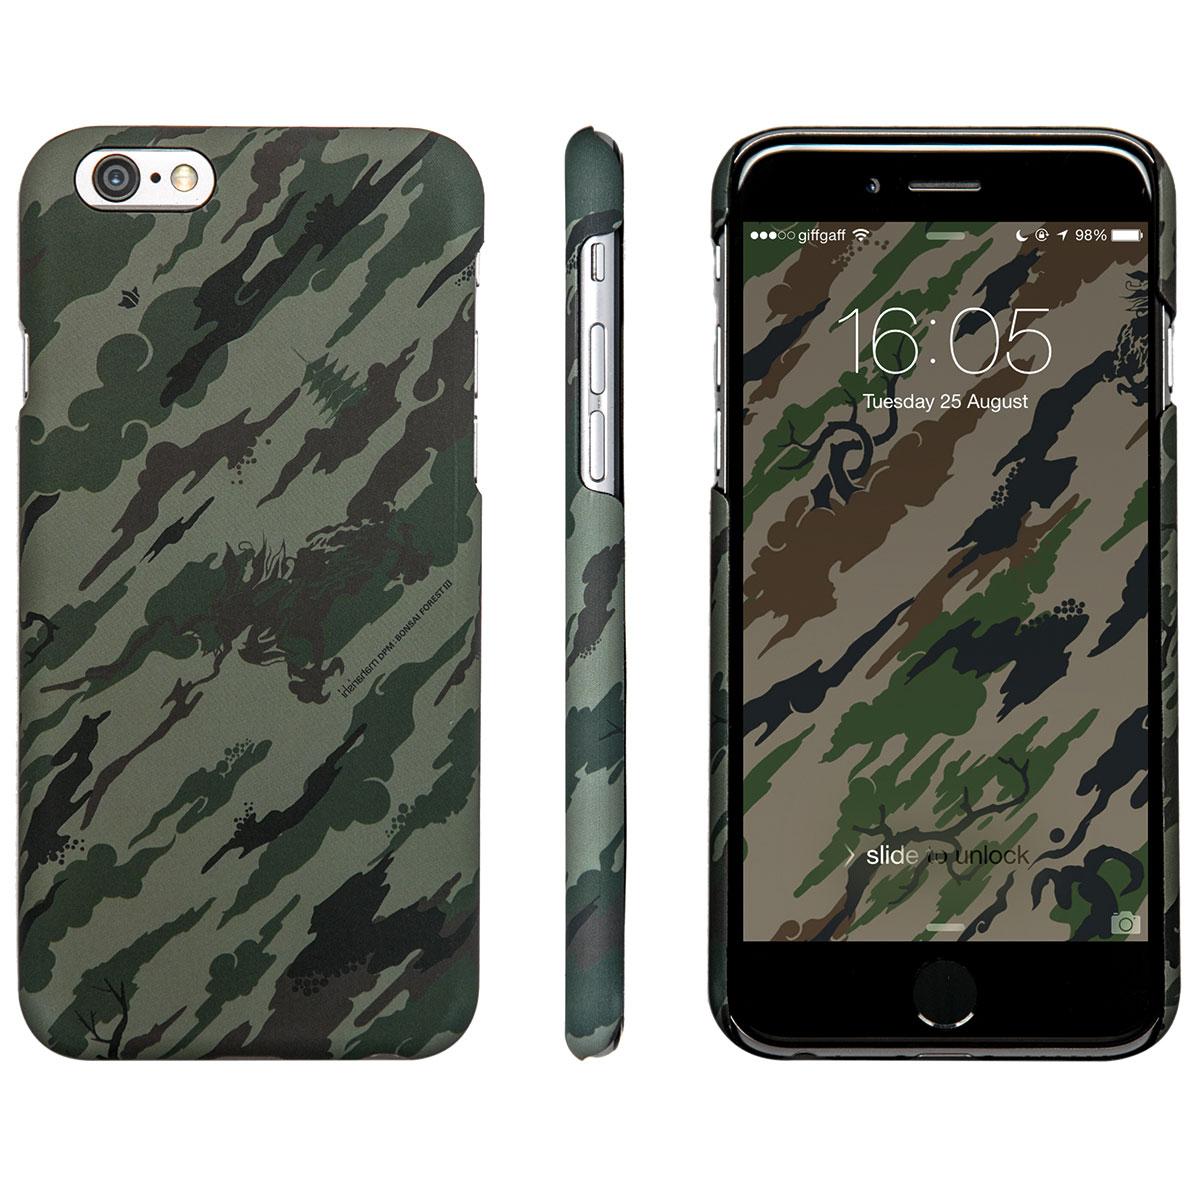 aw15-maharishi-8402-iphone-6-plus-case-0001